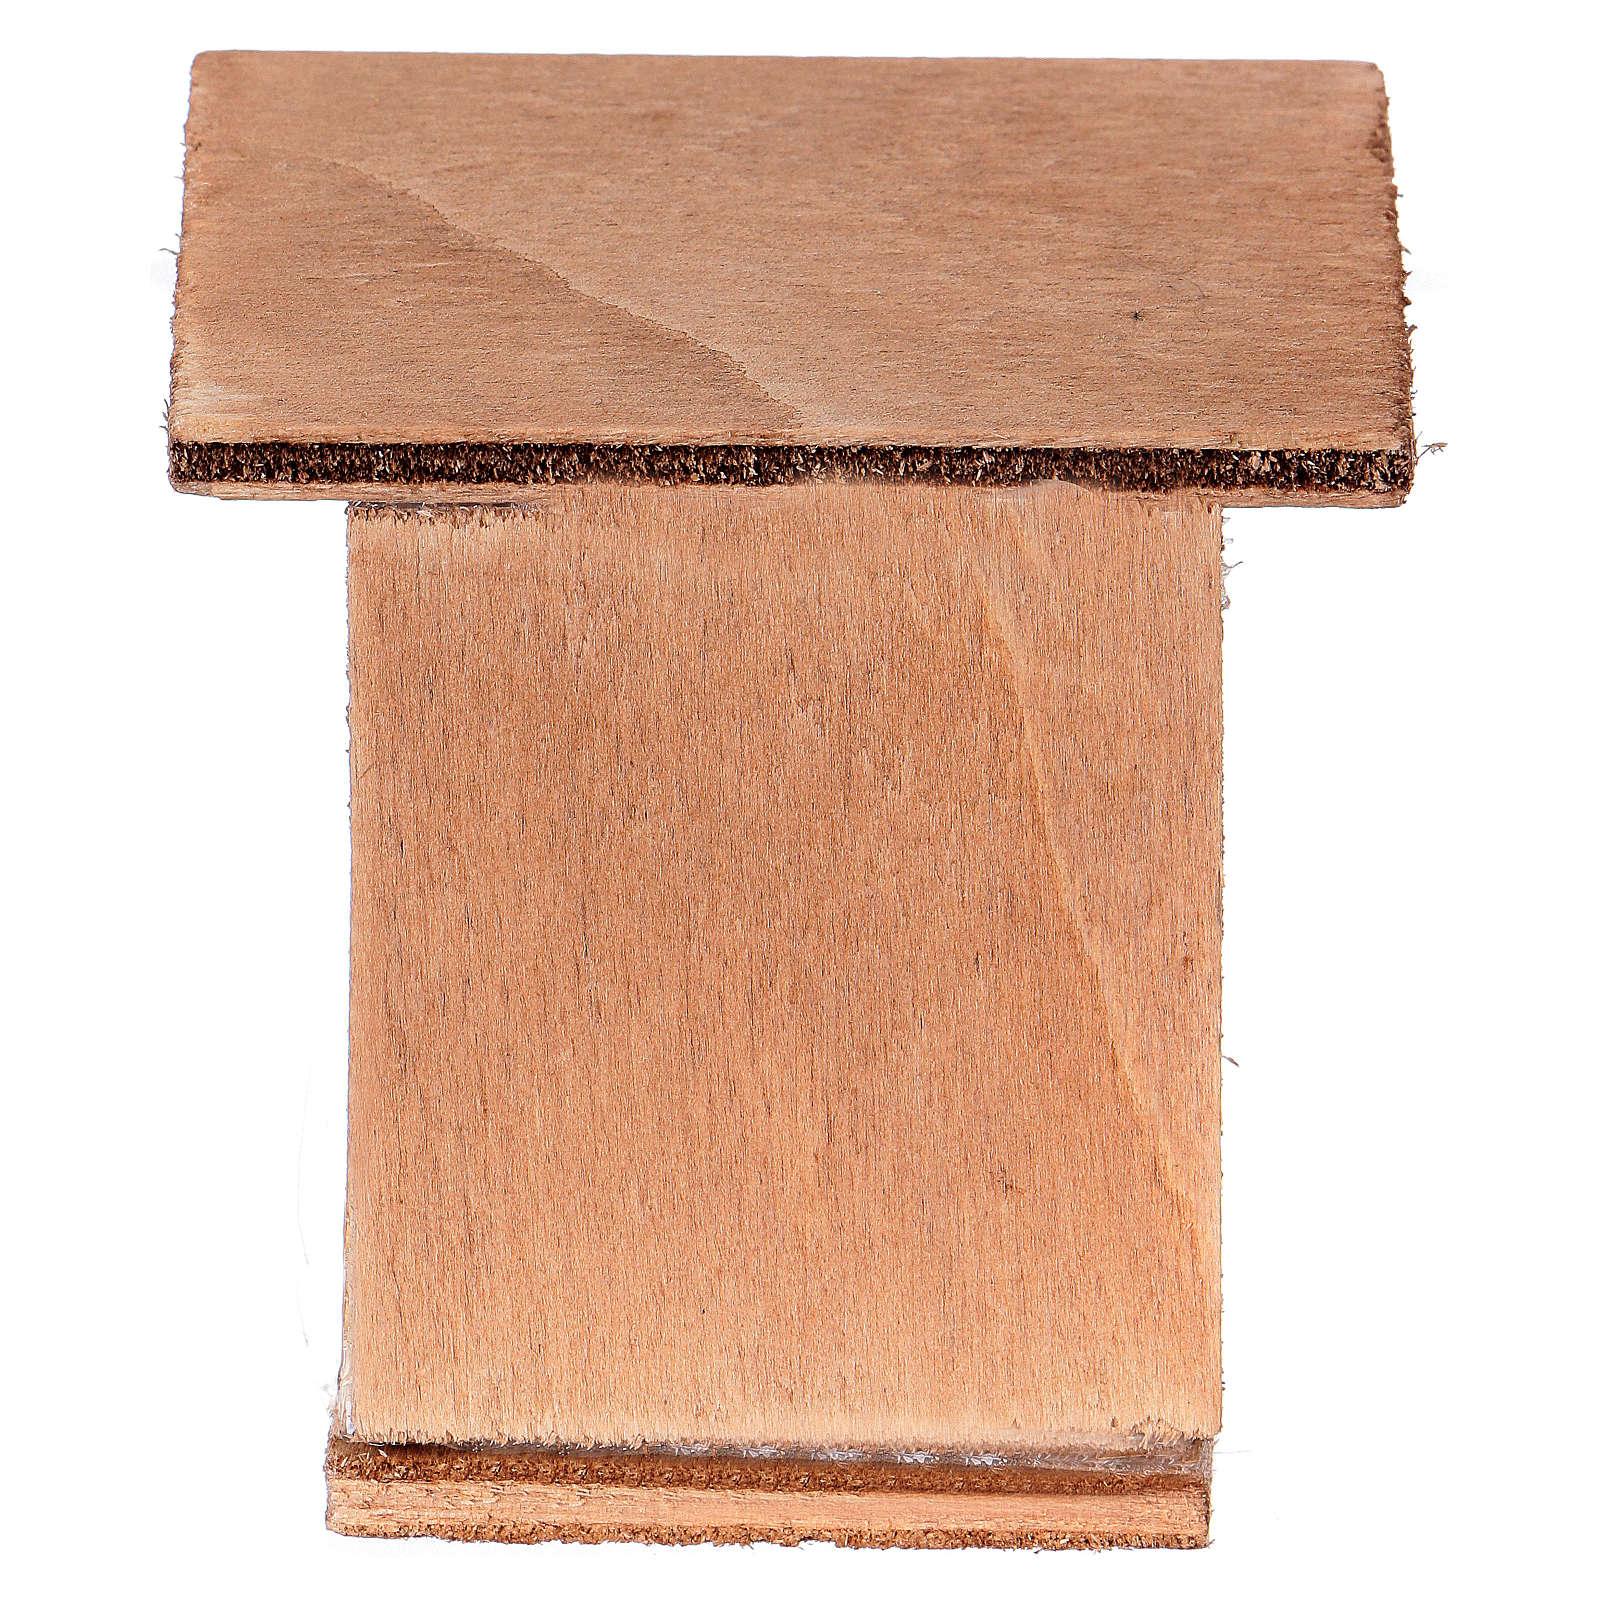 Klatka dla królików 8-10 cm do szopki z drewna do dekoracji 3